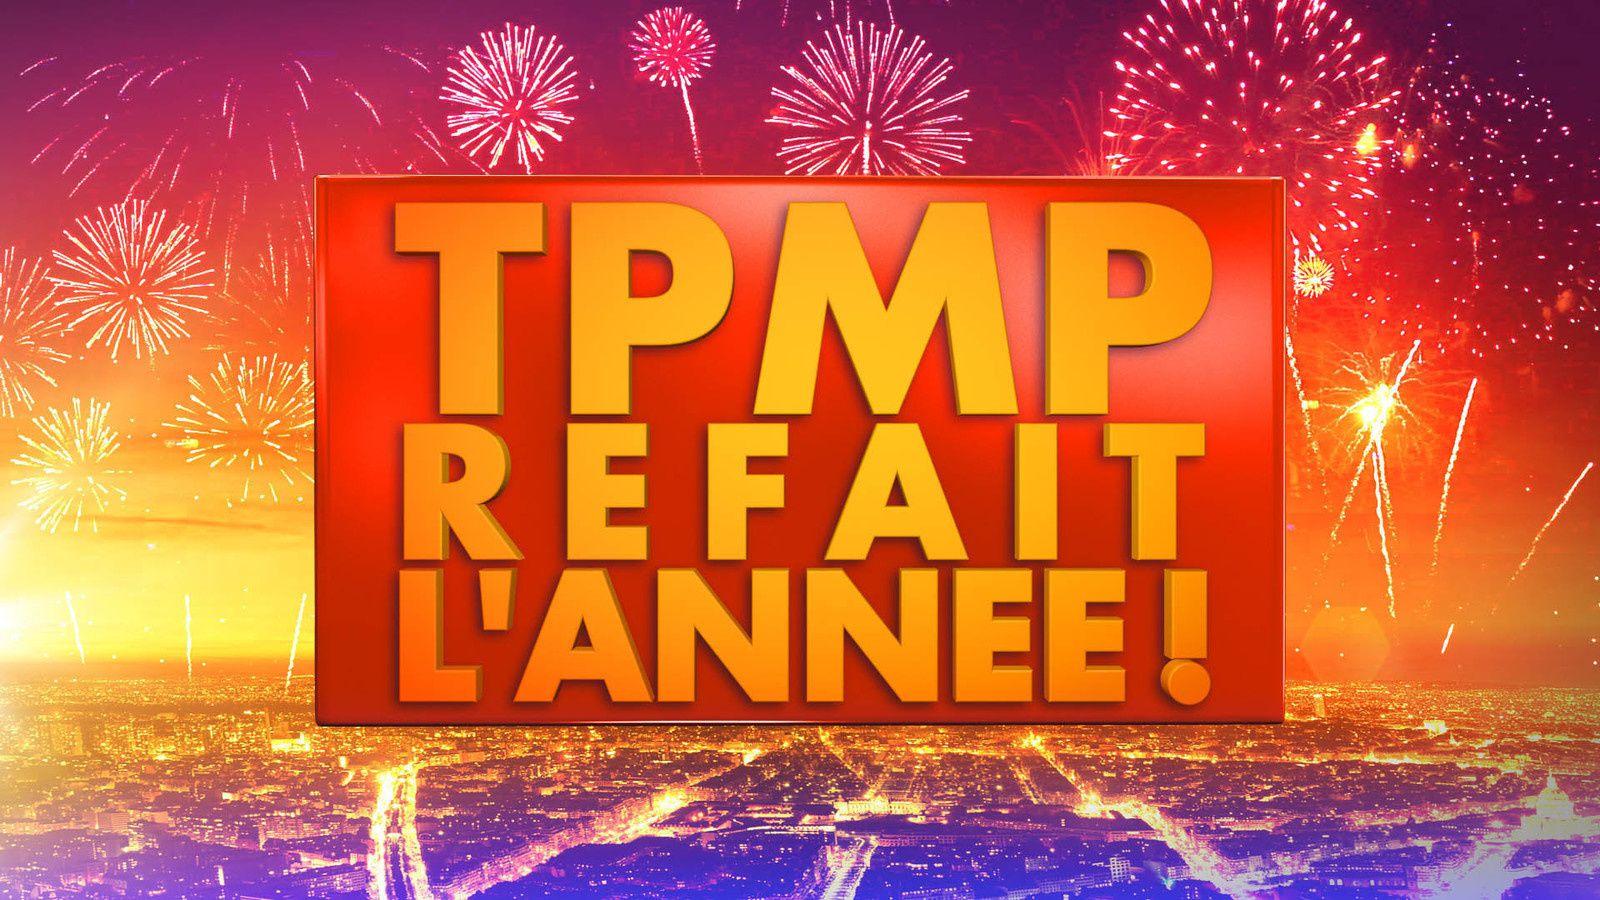 """""""TPMP refait l'année"""" (D8)"""